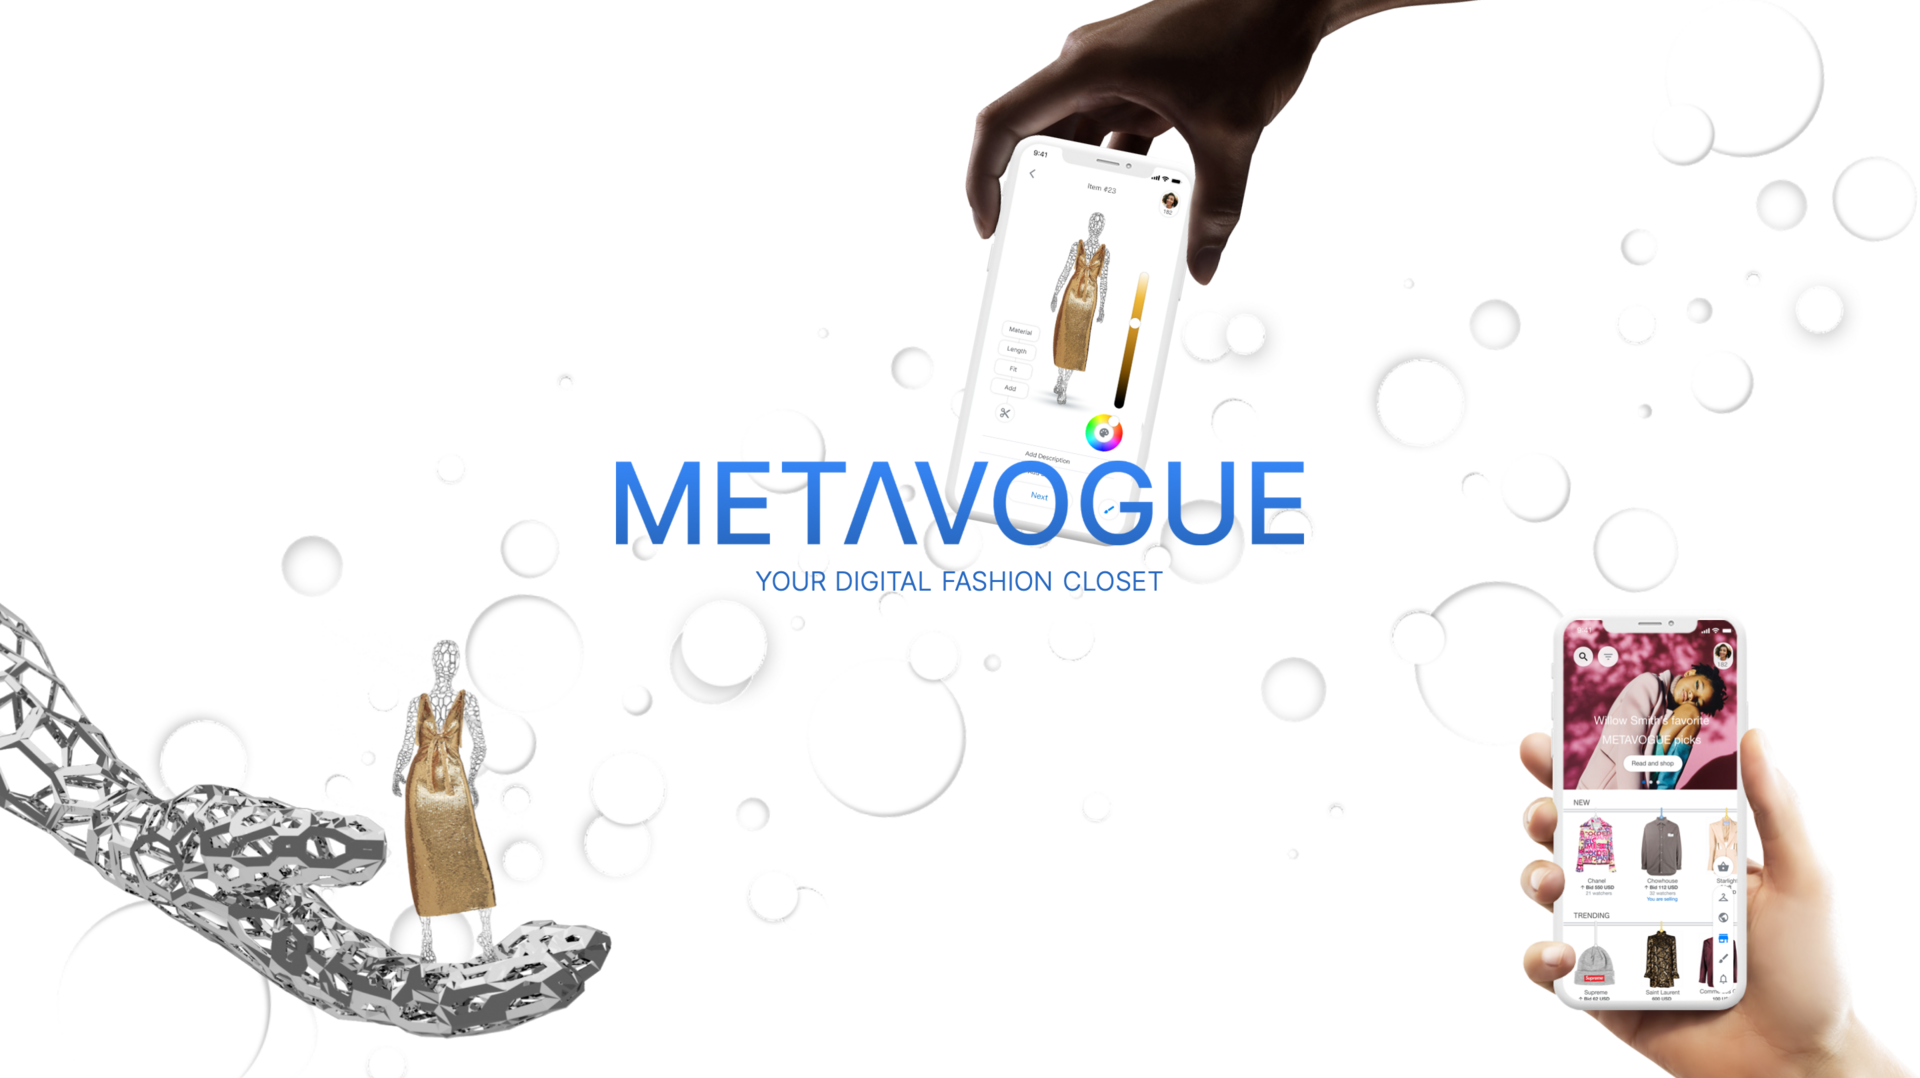 METAVOGUE